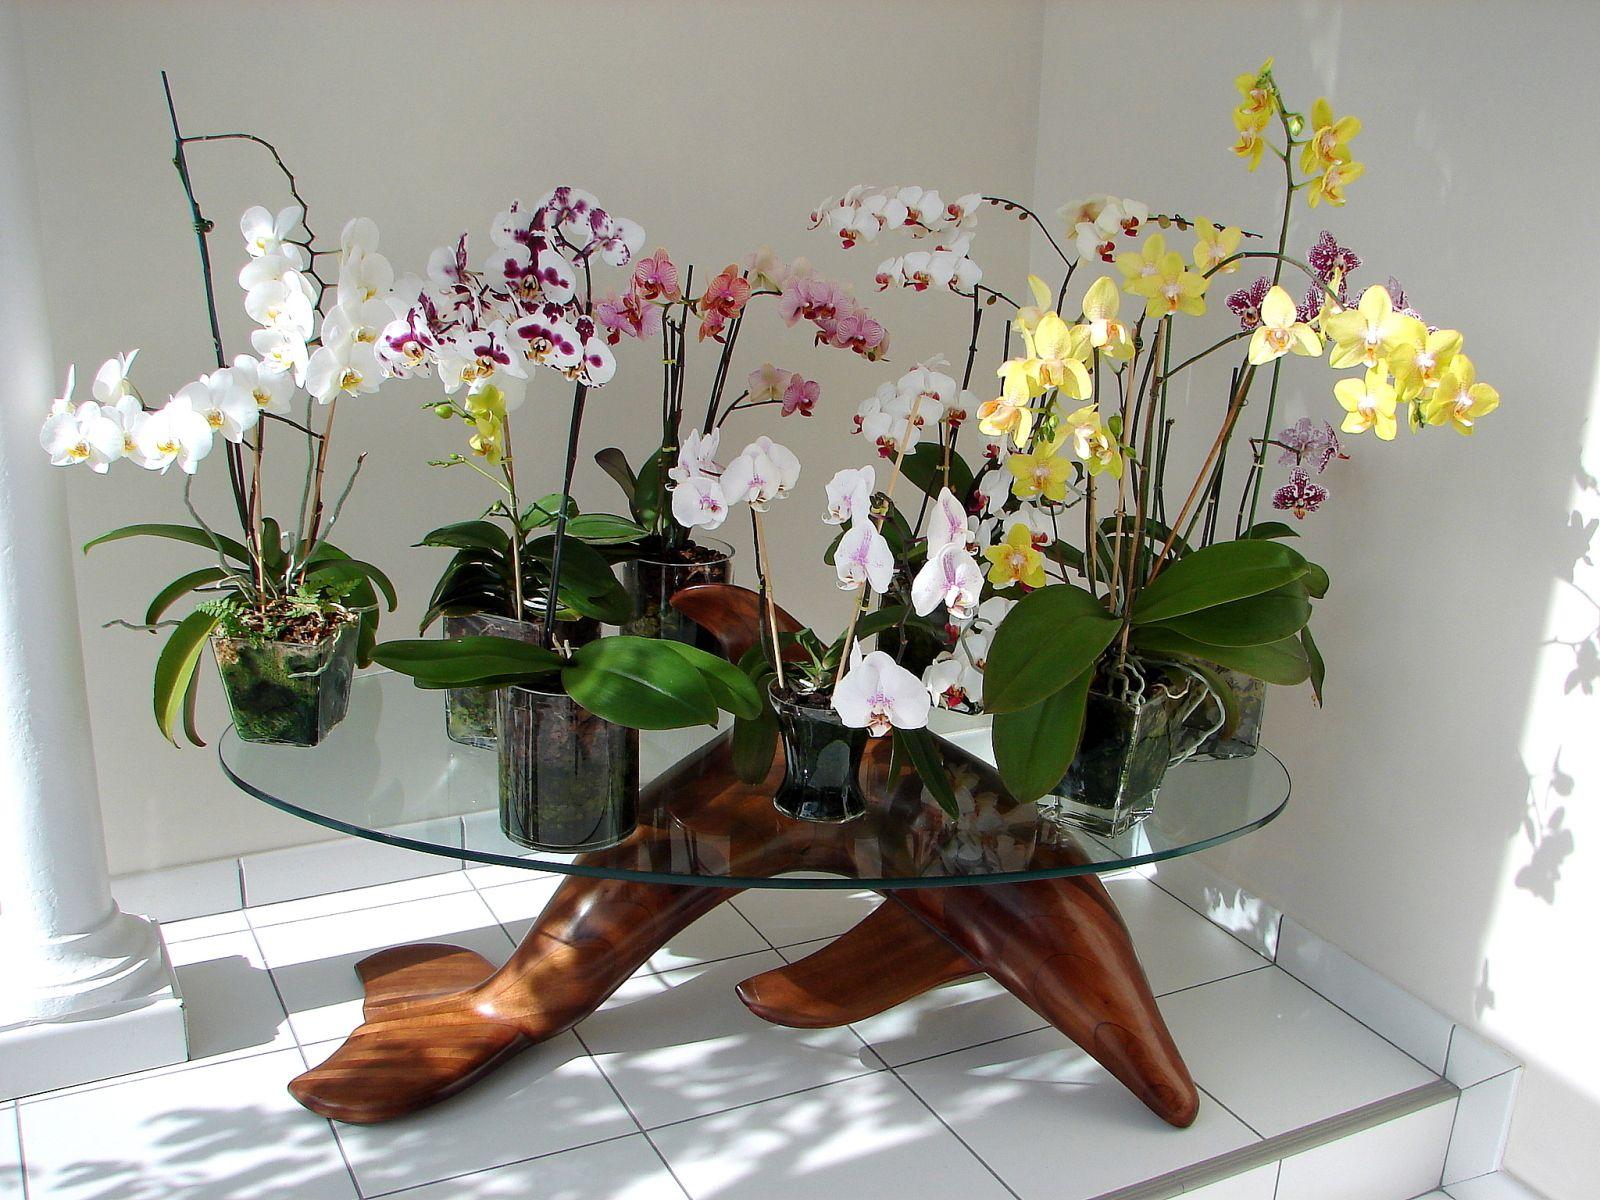 Très Pour moi la plus belle table d'orchidées phaleanopsis. Réjane a  YW63